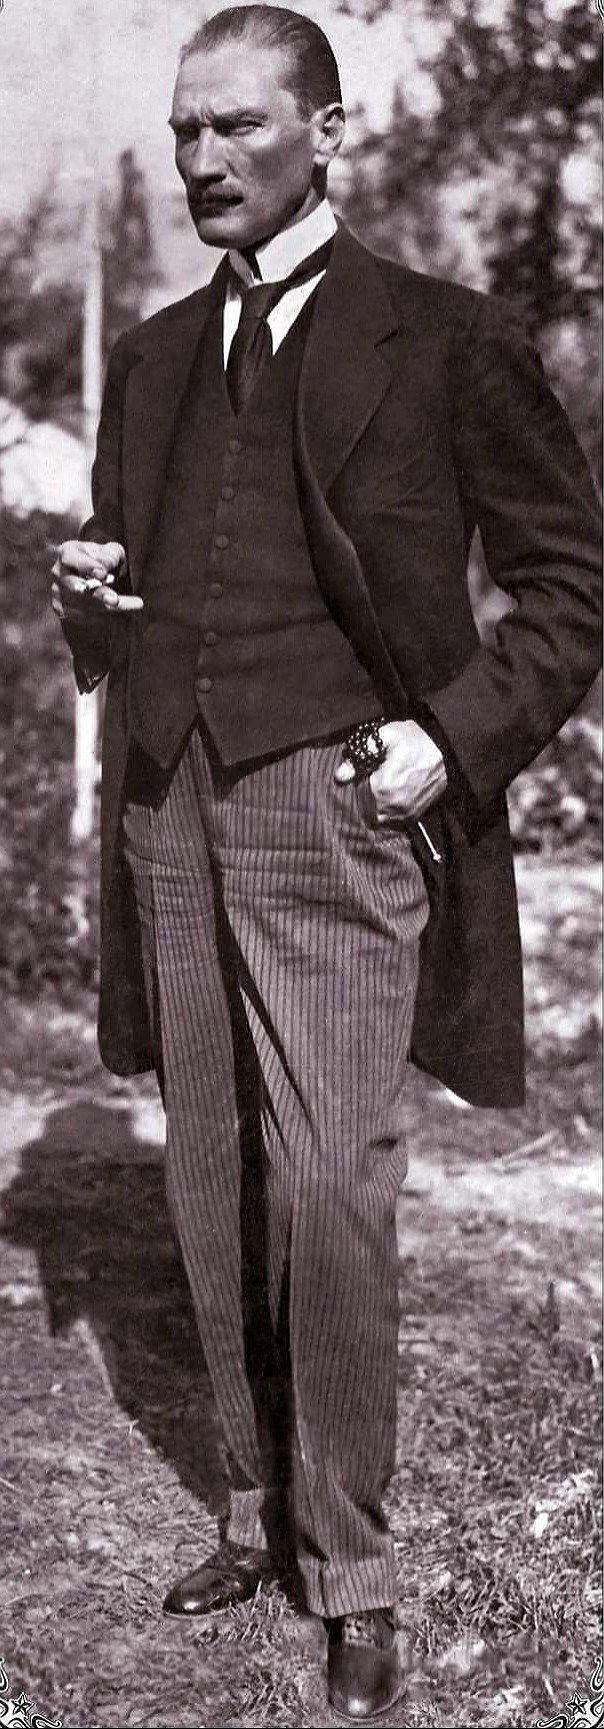 1-Fransa'da çekilen fotoğrafı. Henüz 29 yaşında. Eldiveni, şapkası ve elbisesinin uyumu harikulade. Bir eli cebinde ve bir ayağını dirseklerinden öne hafifçe eğmiş. O, adeta mükemmelik abidesiymiş. 2-Bir elinde sigarası, diğerinde tesbihi. Tek ayağı önde, bakışları Sivas'tan işgalcilere adeta meydan okuyor. Bu arada, elbisesi kendisinin değil, ödünç almış. O halde bile, işte tüm Anadolu'yu kasıp kavuran, peşine takan karizma, henüz 38 yaşındaydı. 3-1925 Cumhuriyet Bayramı'nda....